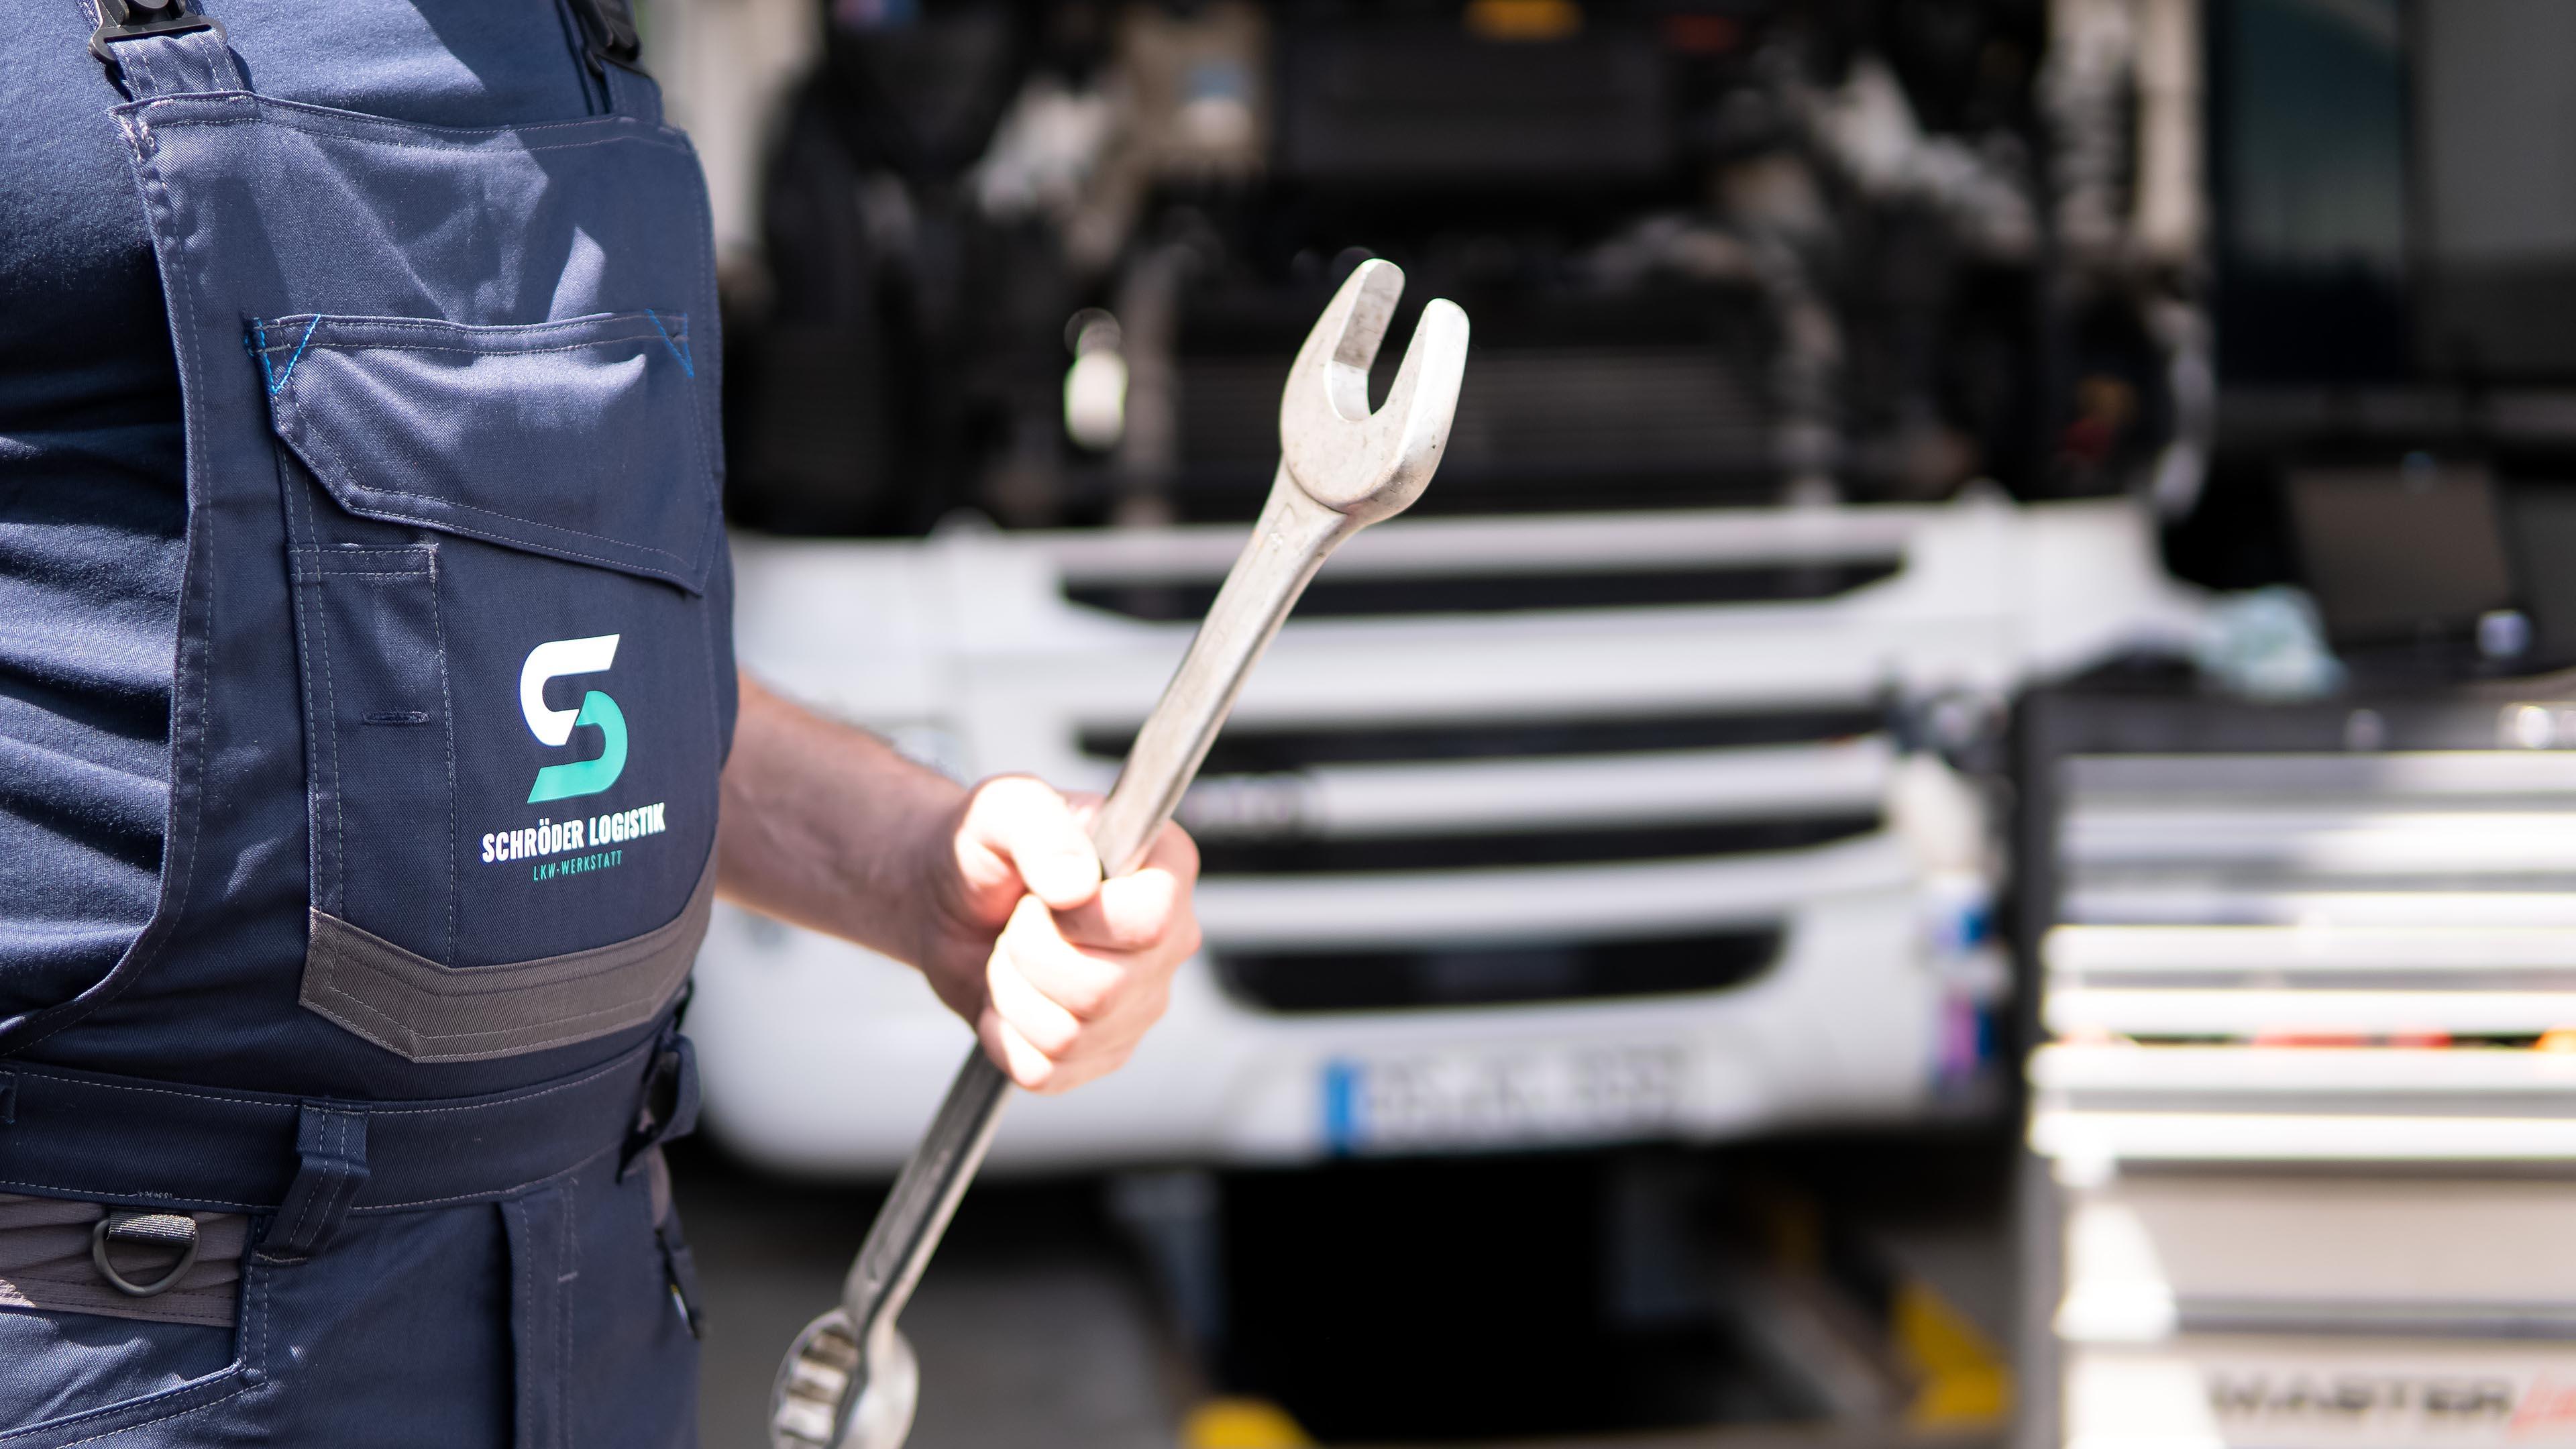 Schröder Logistik Lkw-Werkstatt Reparaturen, Reifen und Prüfung